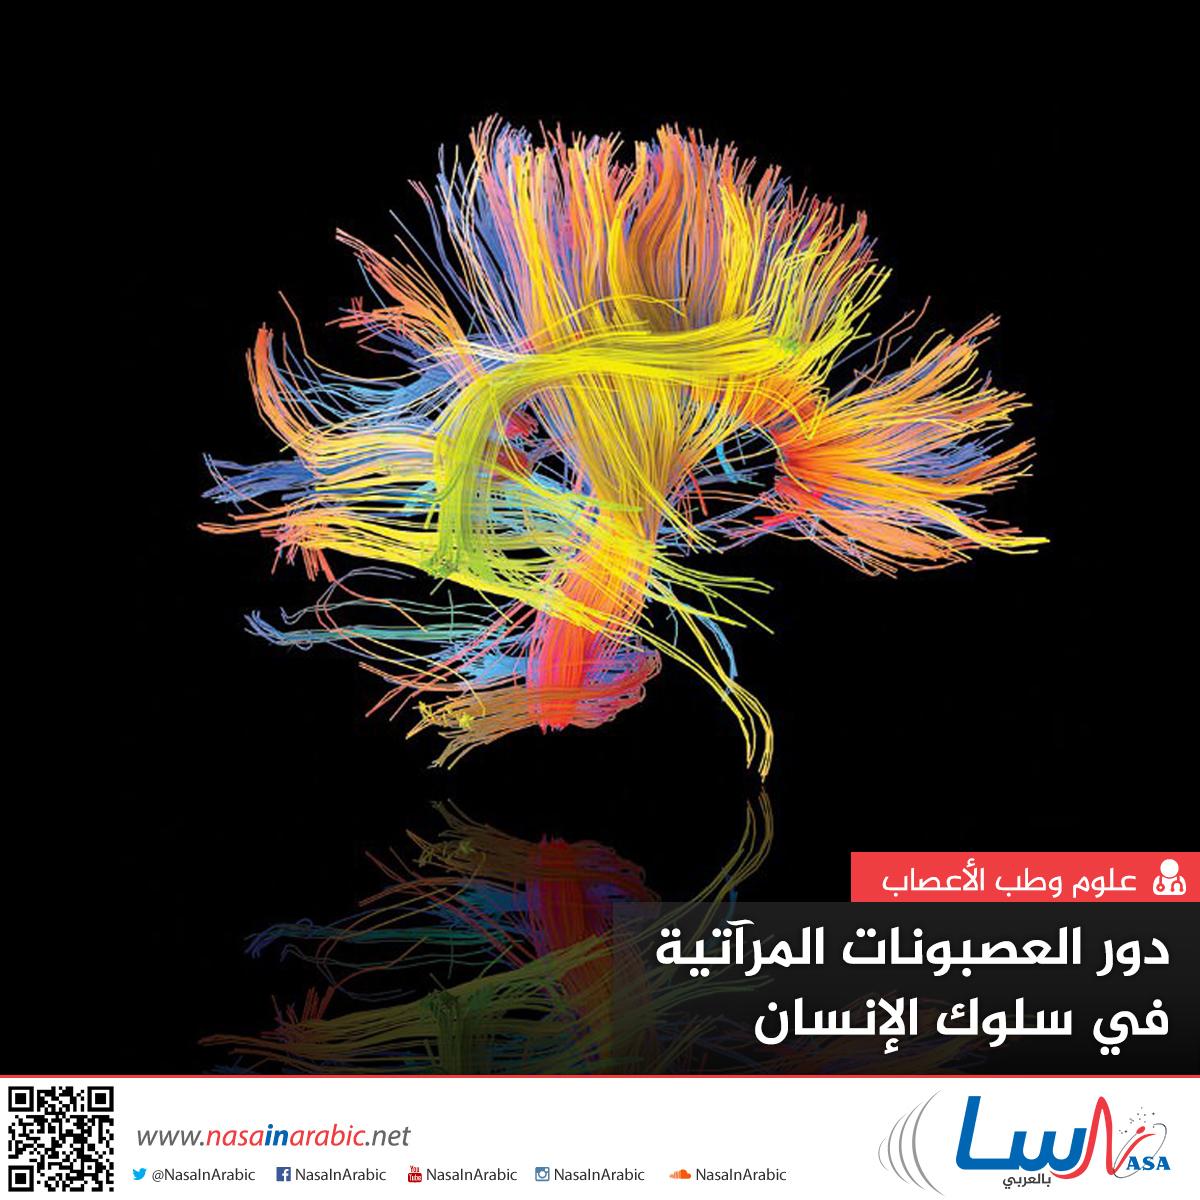 دور العصبونات المرآتية في سلوك الإنسان